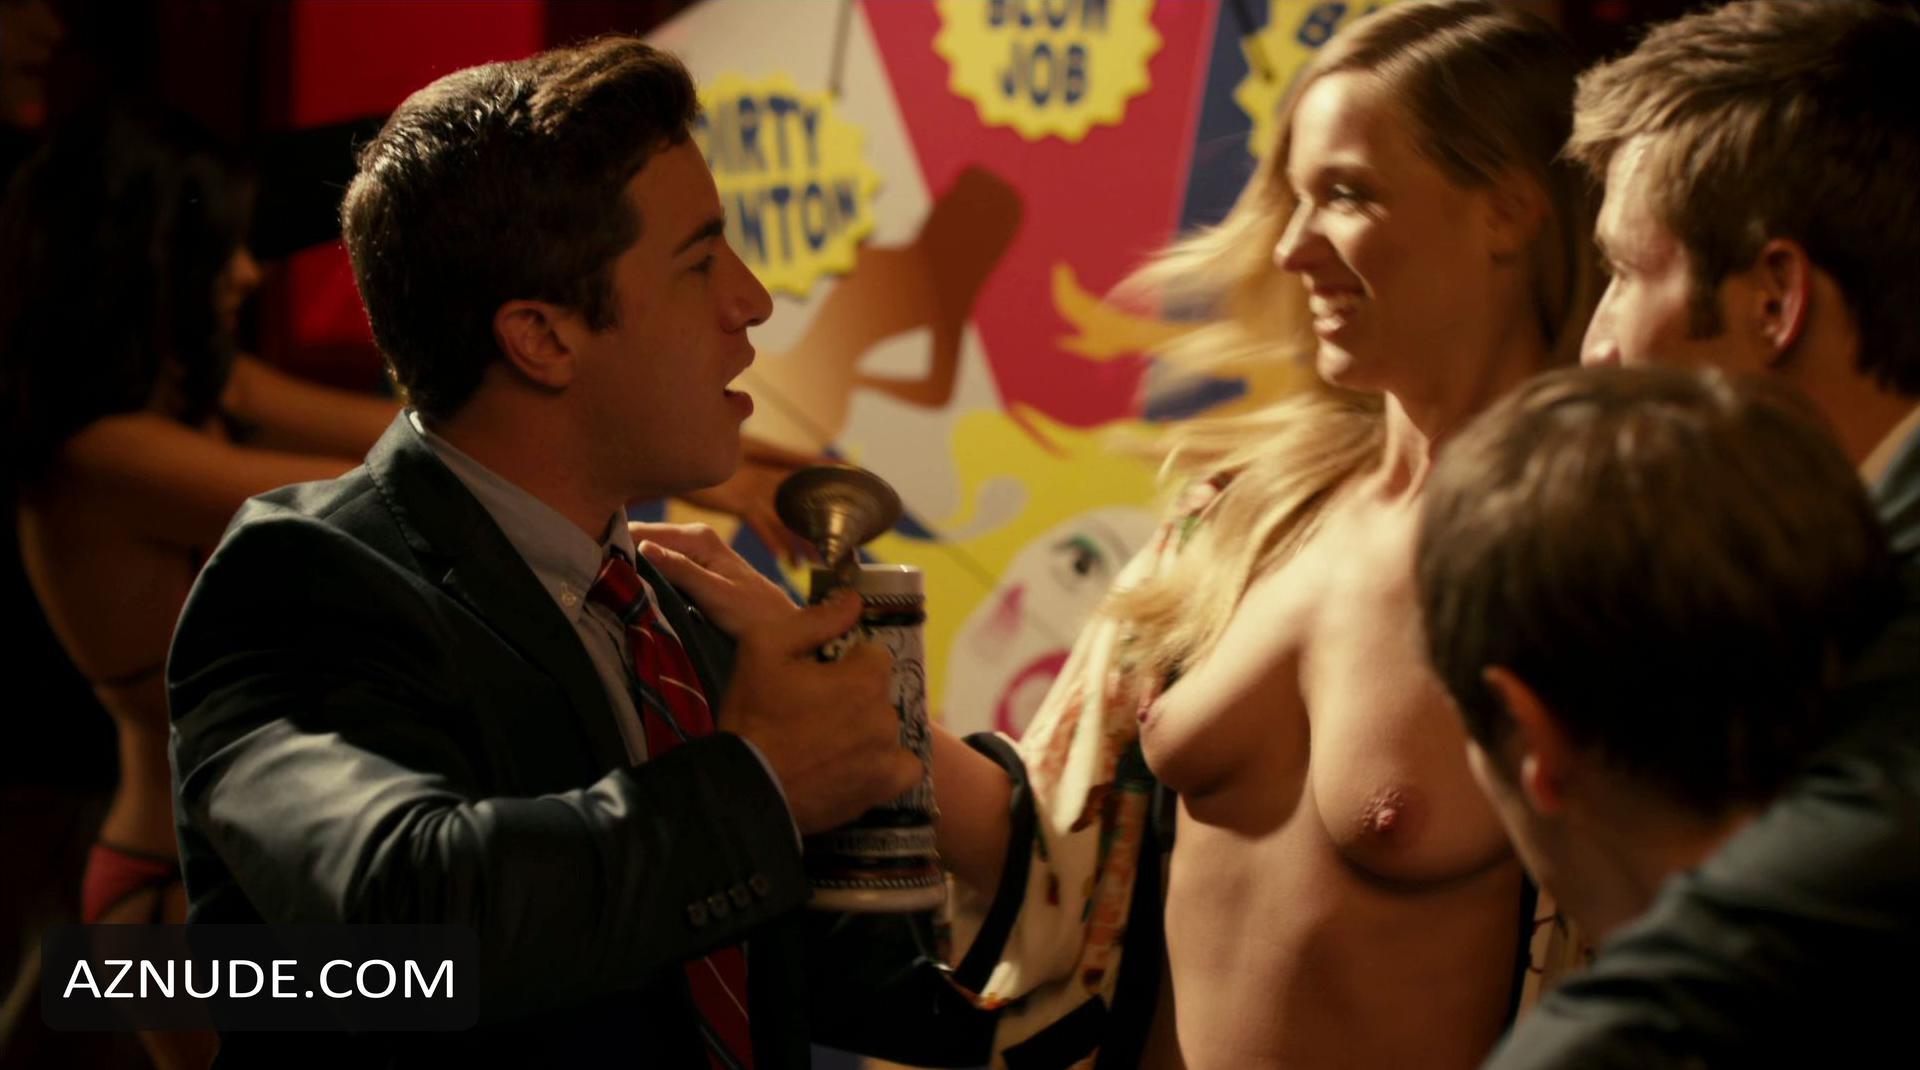 Rachelle adams naked — photo 1